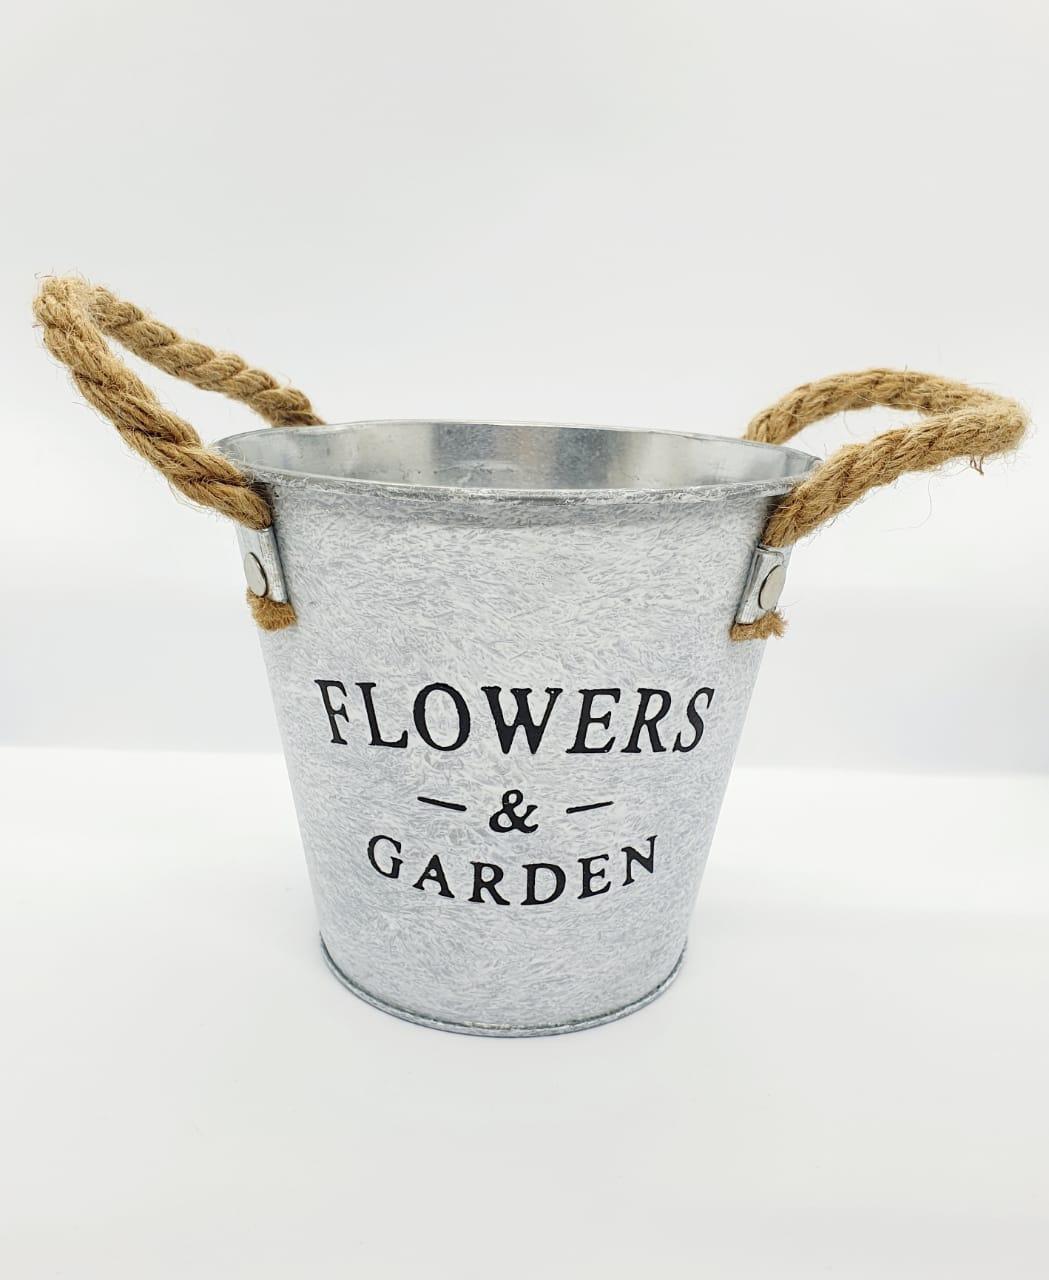 Vaso decorativo em metal rústico grande - Flowers & Garden